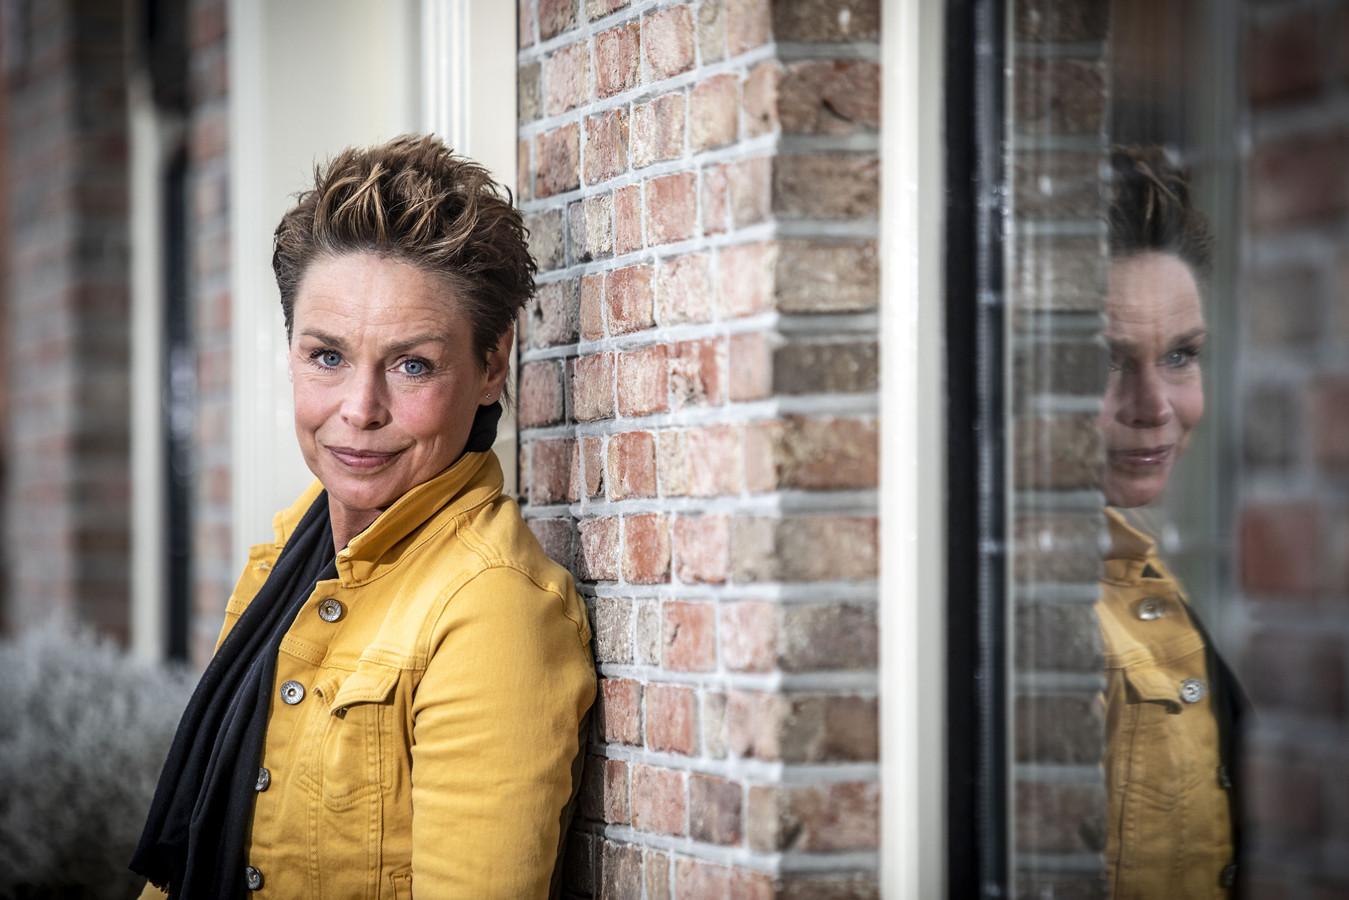 Silvia Rikmanspoel schreef een boek over haar belevenissen en vertelt er nu ook over in bijeenkomsten, zoals morgen in Hengelo.